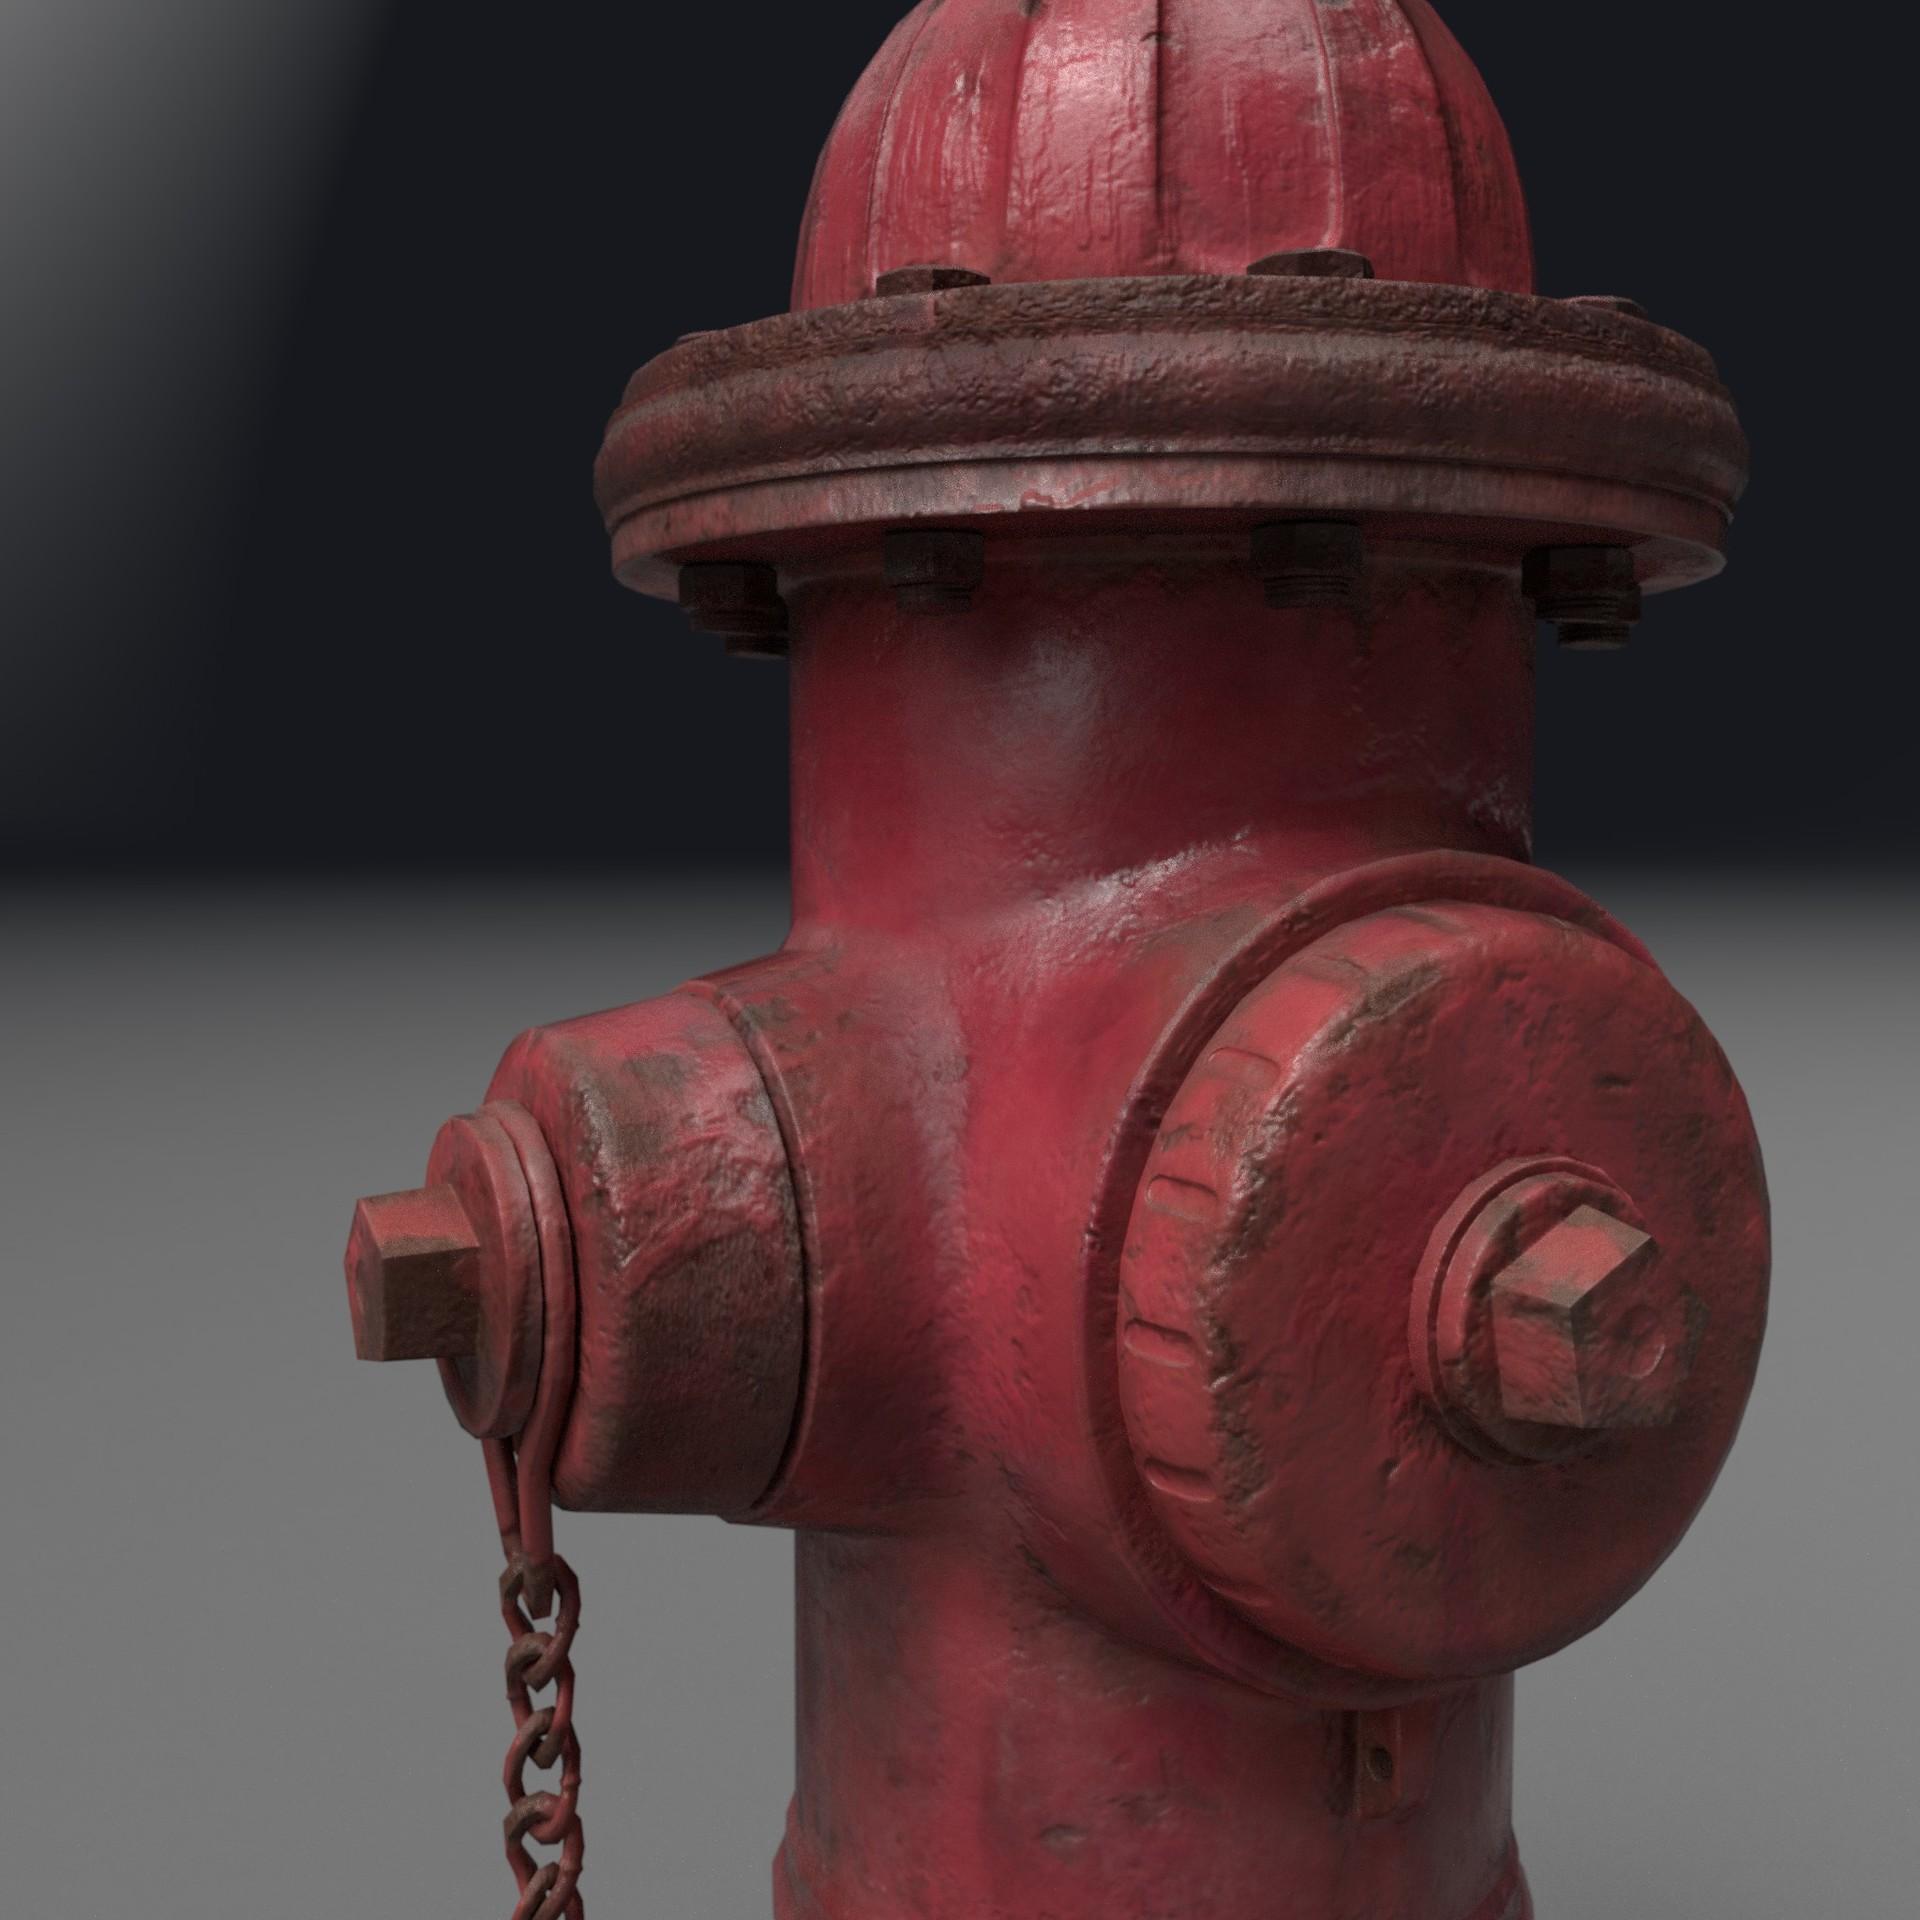 Nick bozarth hydrant render3qfront